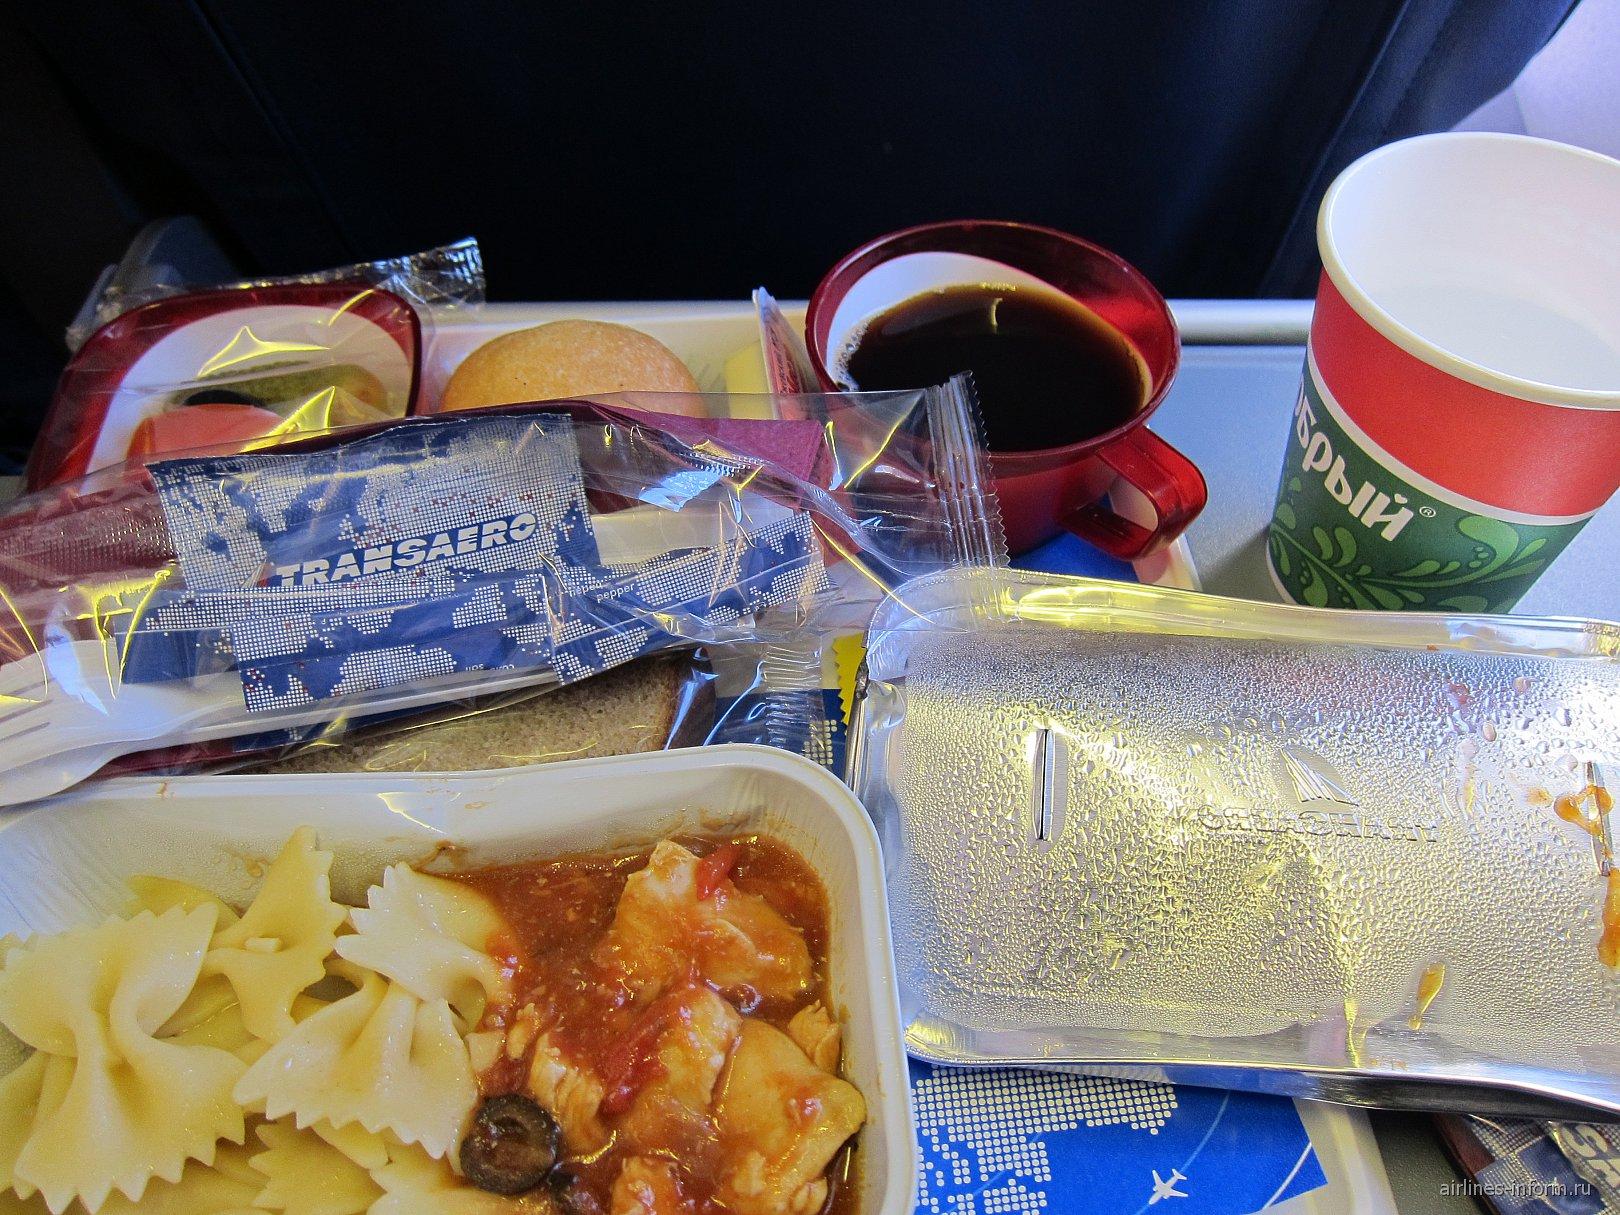 Питание на рейсе Трансаэро Берлин-Москва